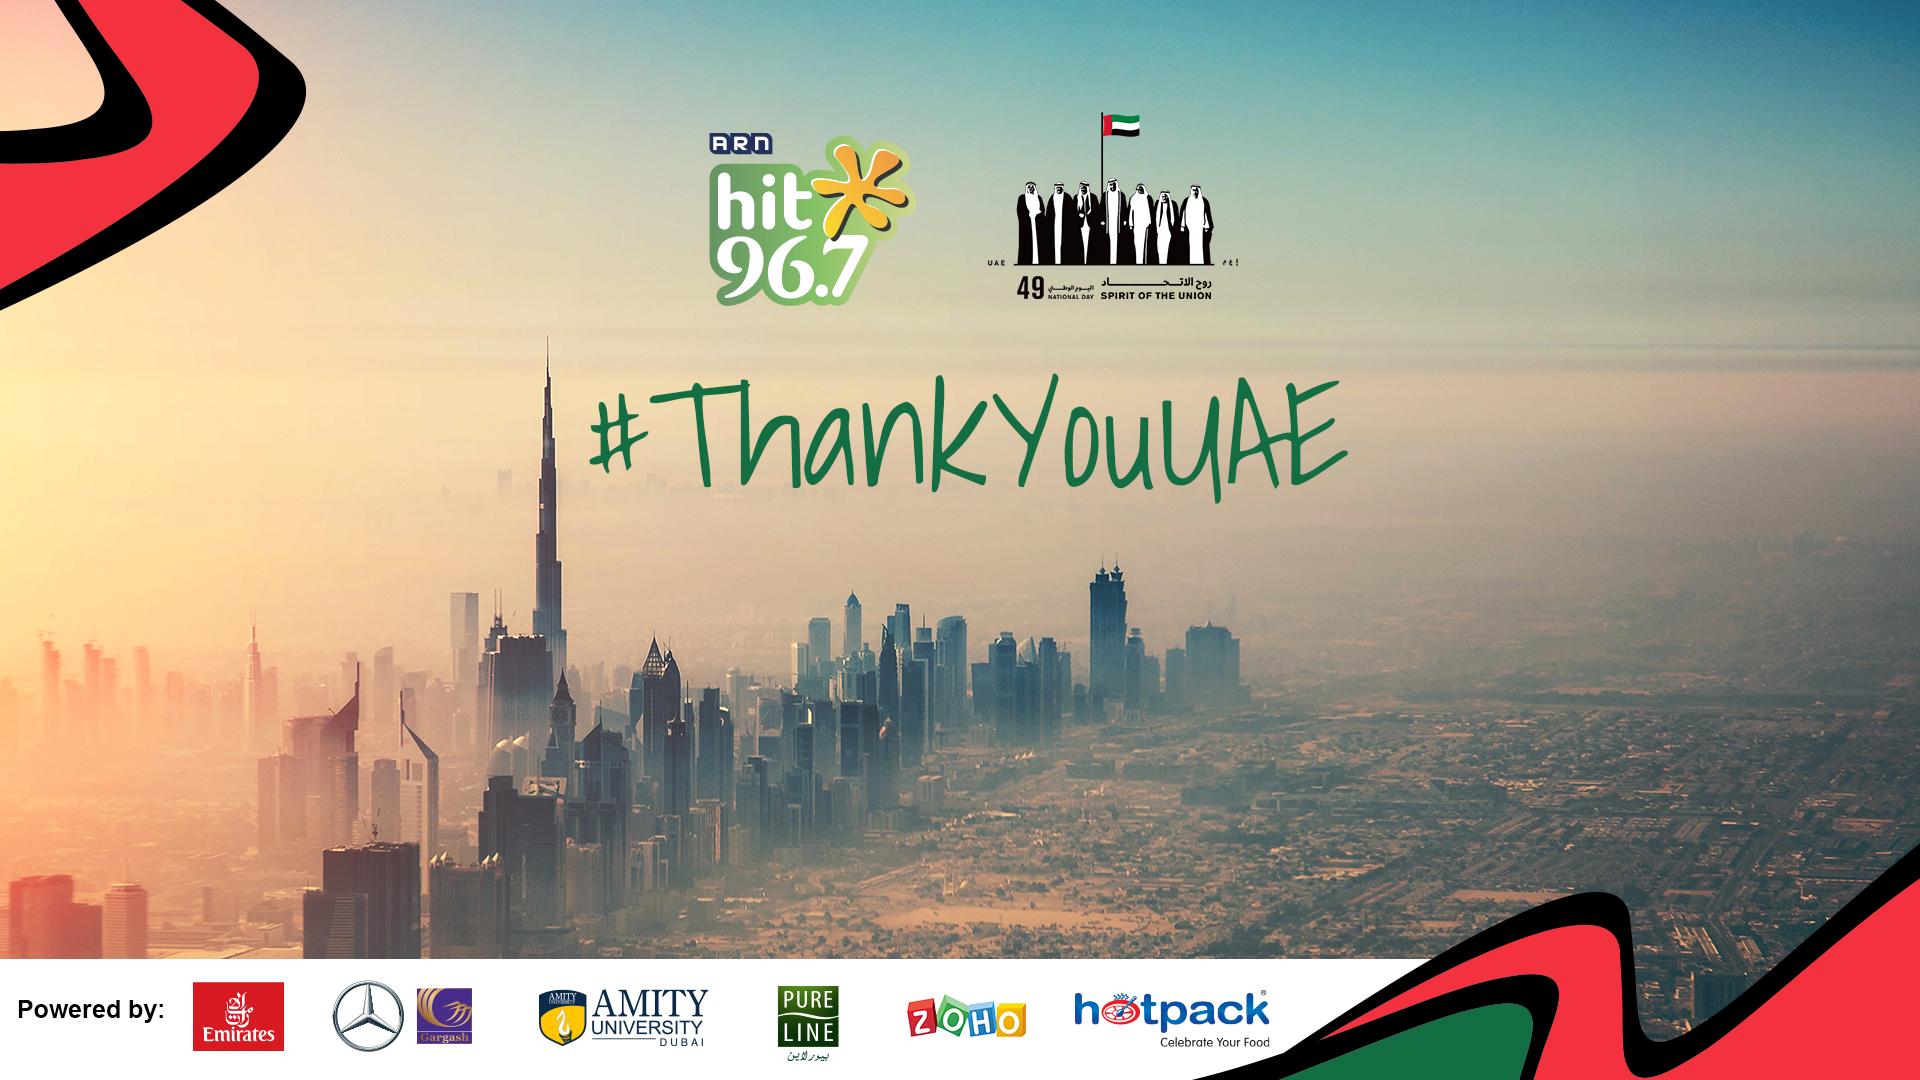 Thank you UAE